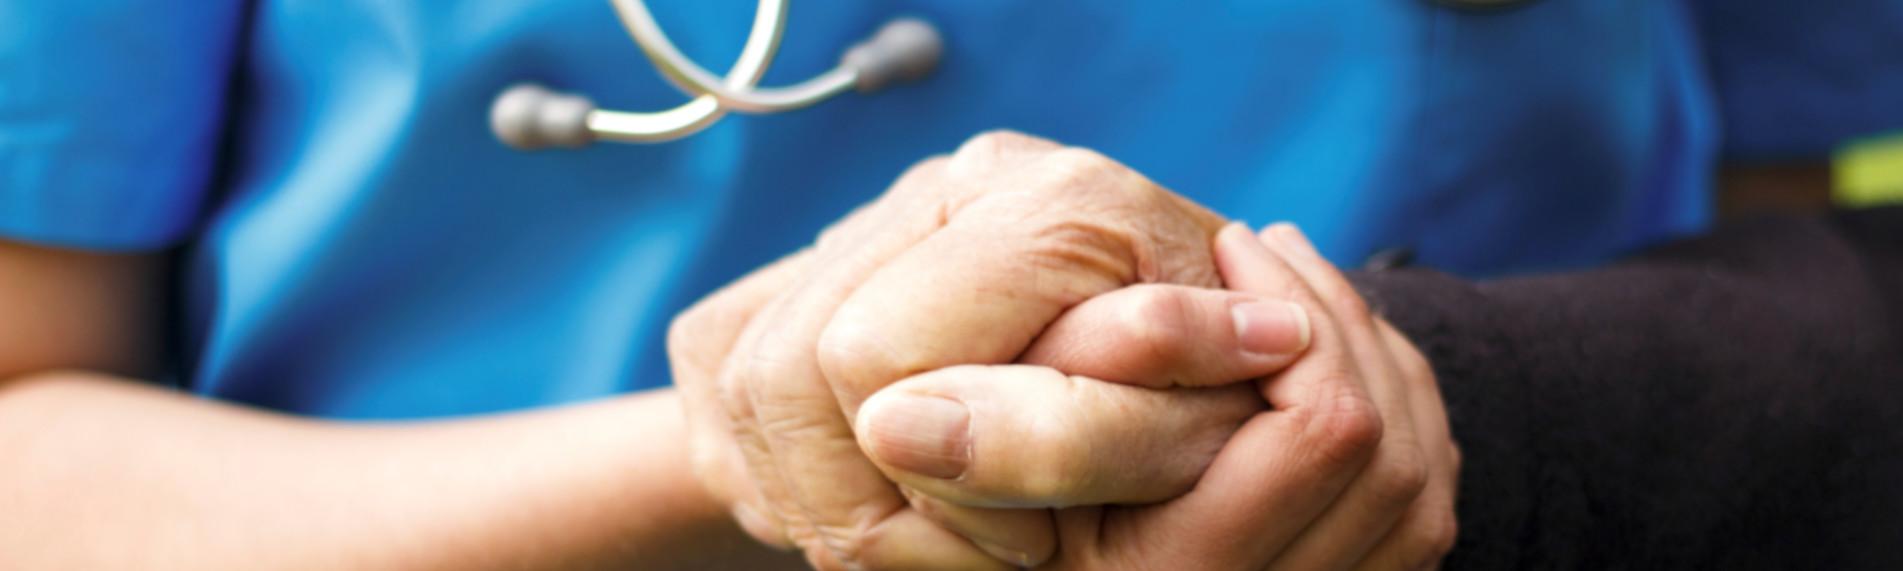 Hvordan ser fremtidens plejebolig ud?